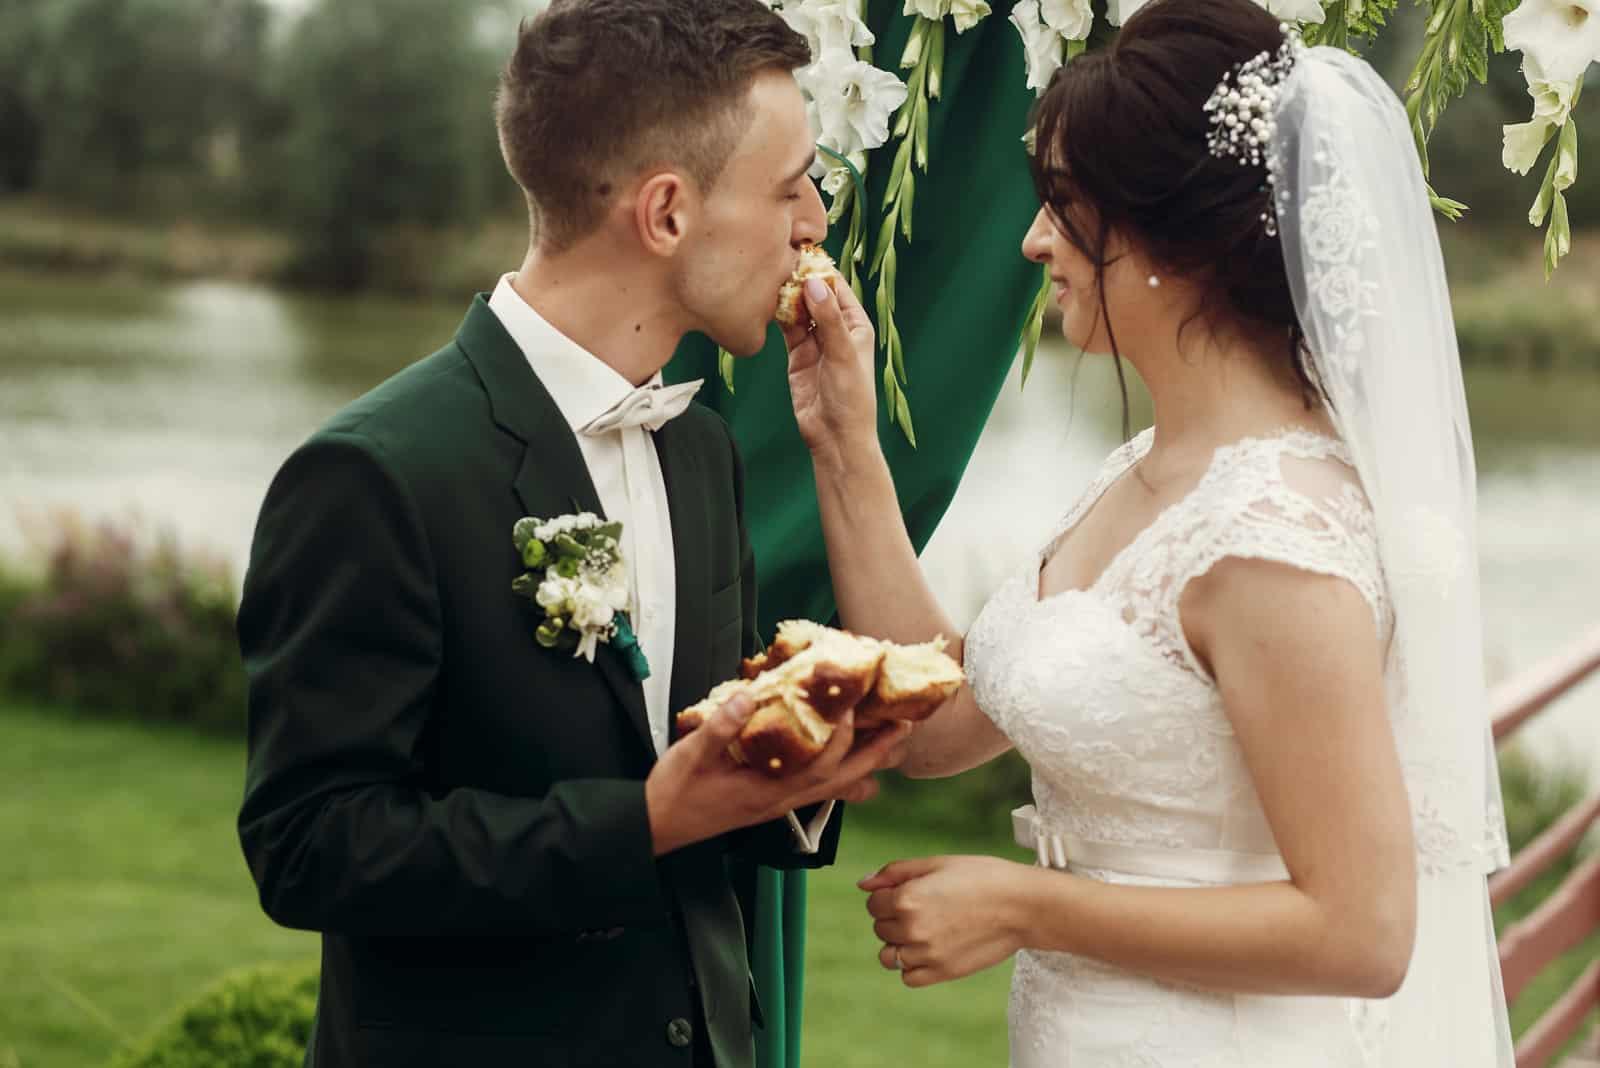 frisch verheiratetes Paar, das Brot bei der Hochzeitszeremonie bricht